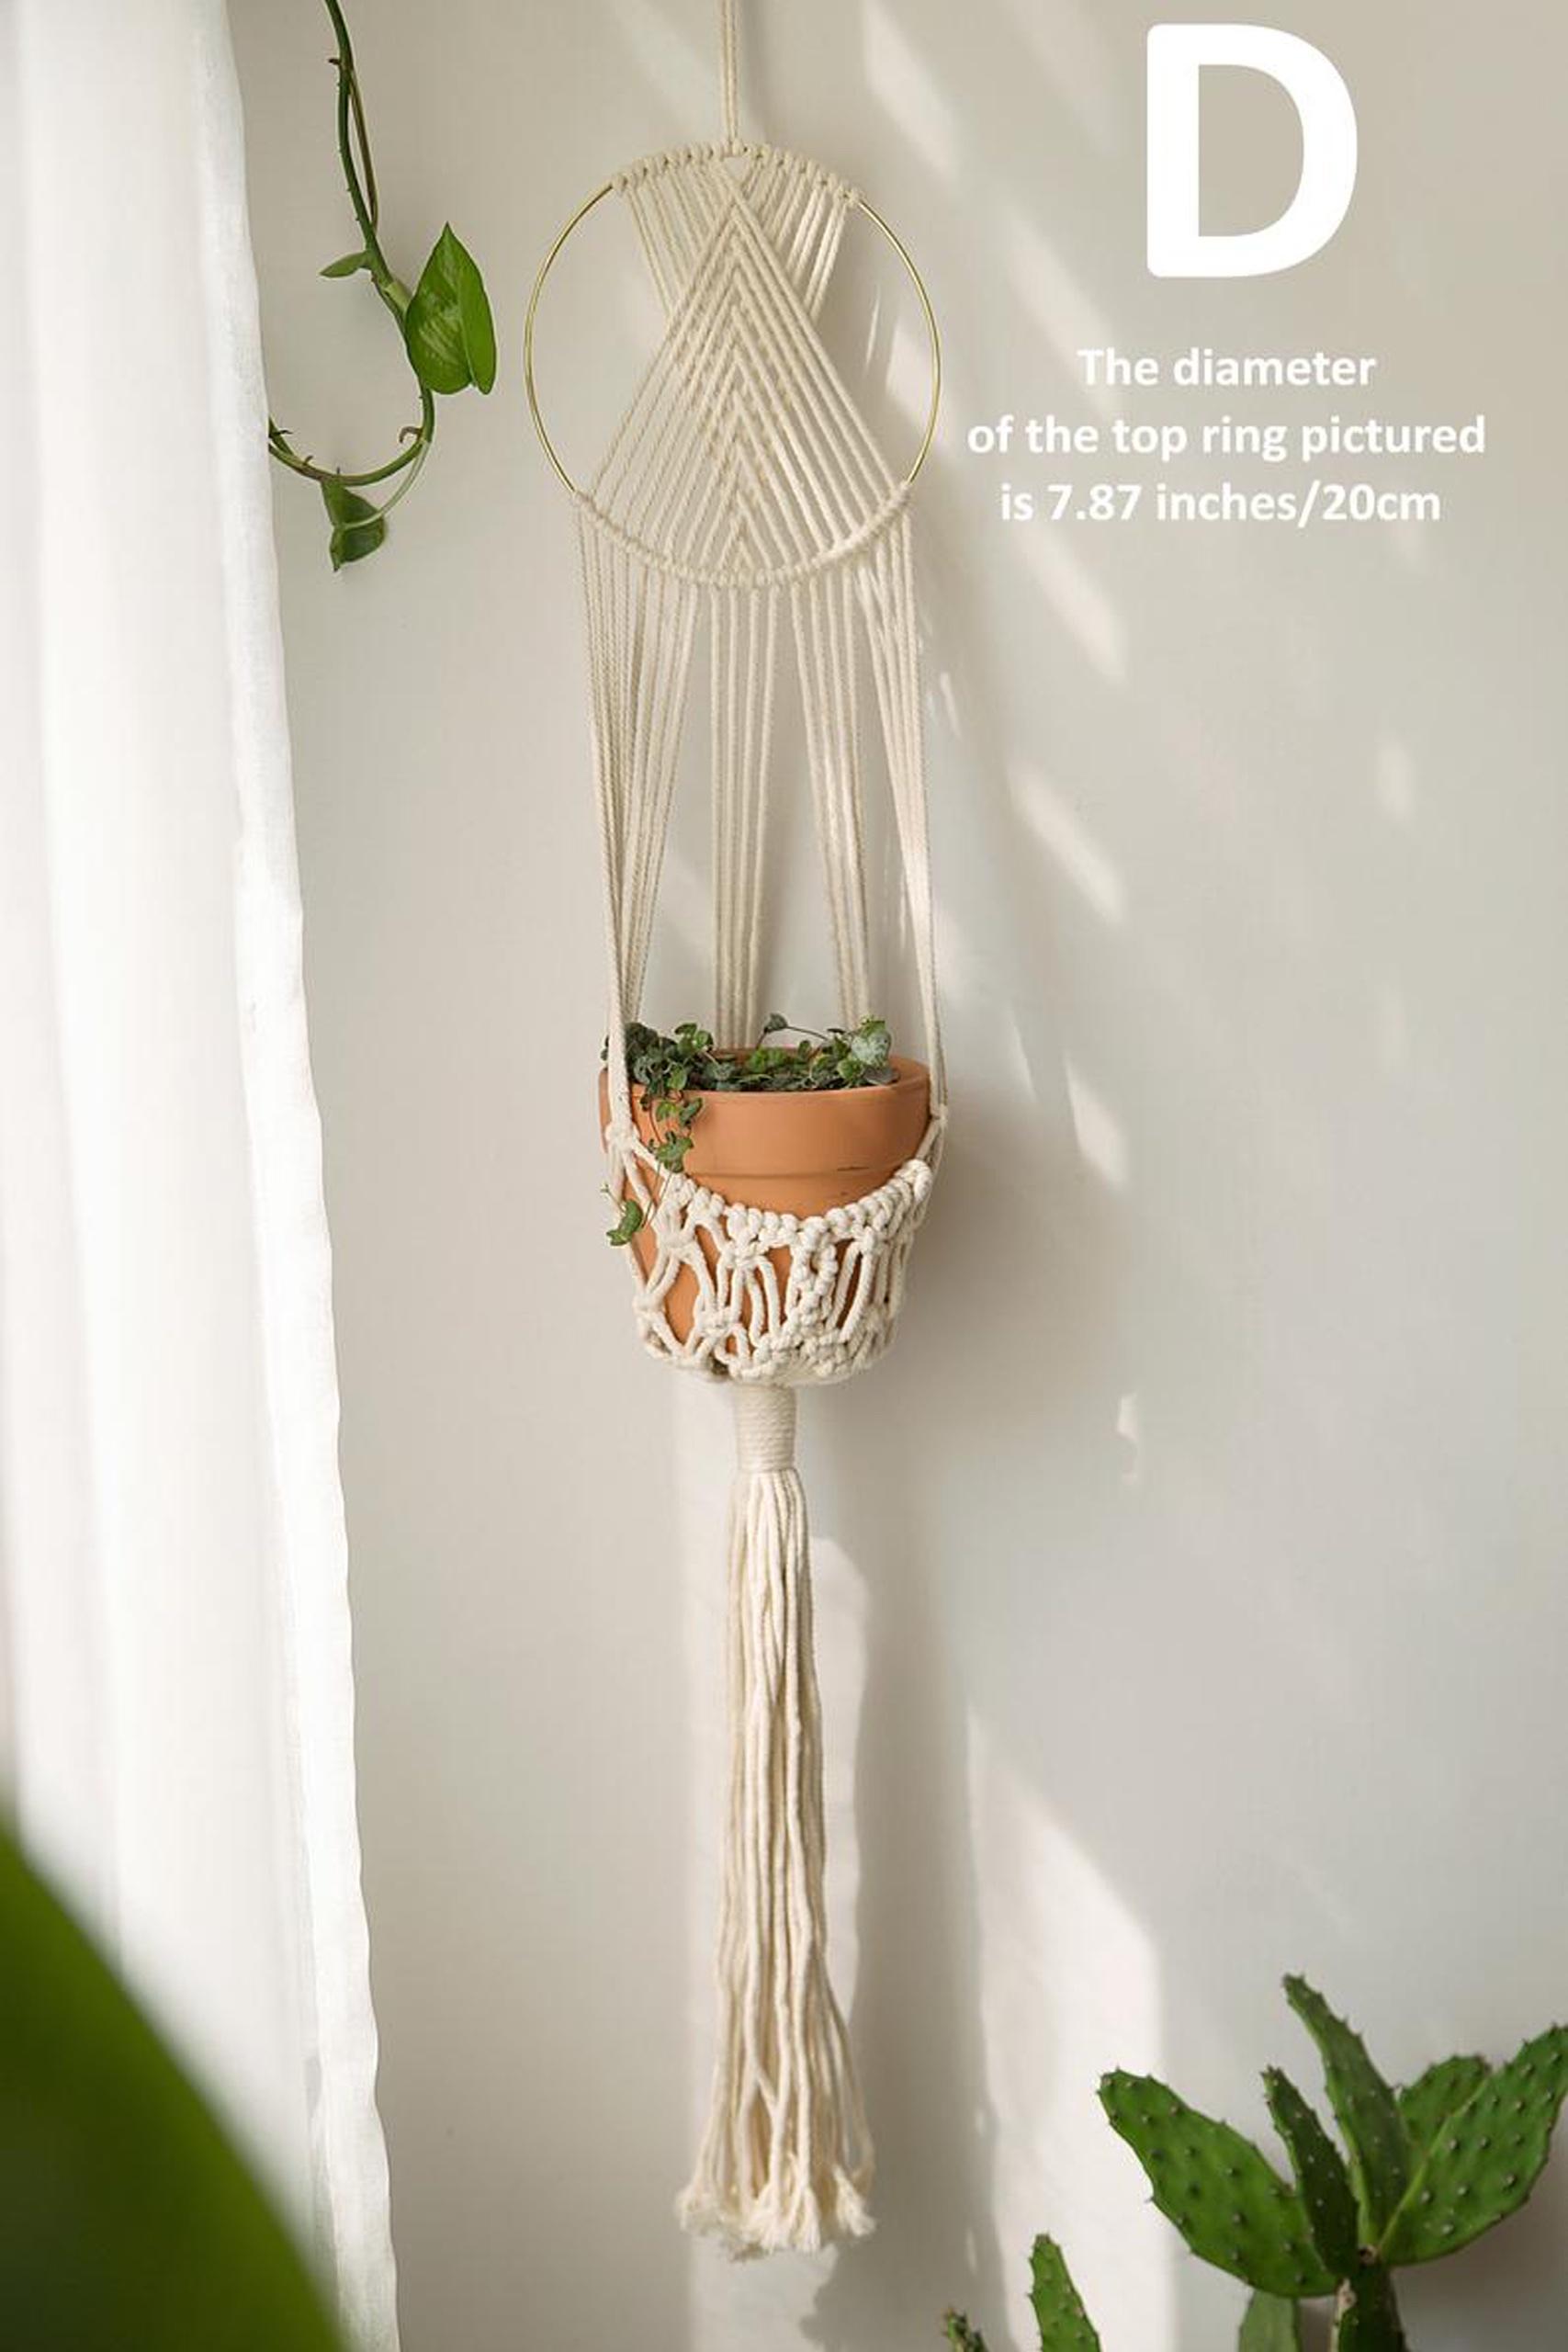 Dây treo trang trí chậu cây cảnh lọ hoa tết thủ công kết hợp vòng tròn đan dây nghệ thuật. GTT18321